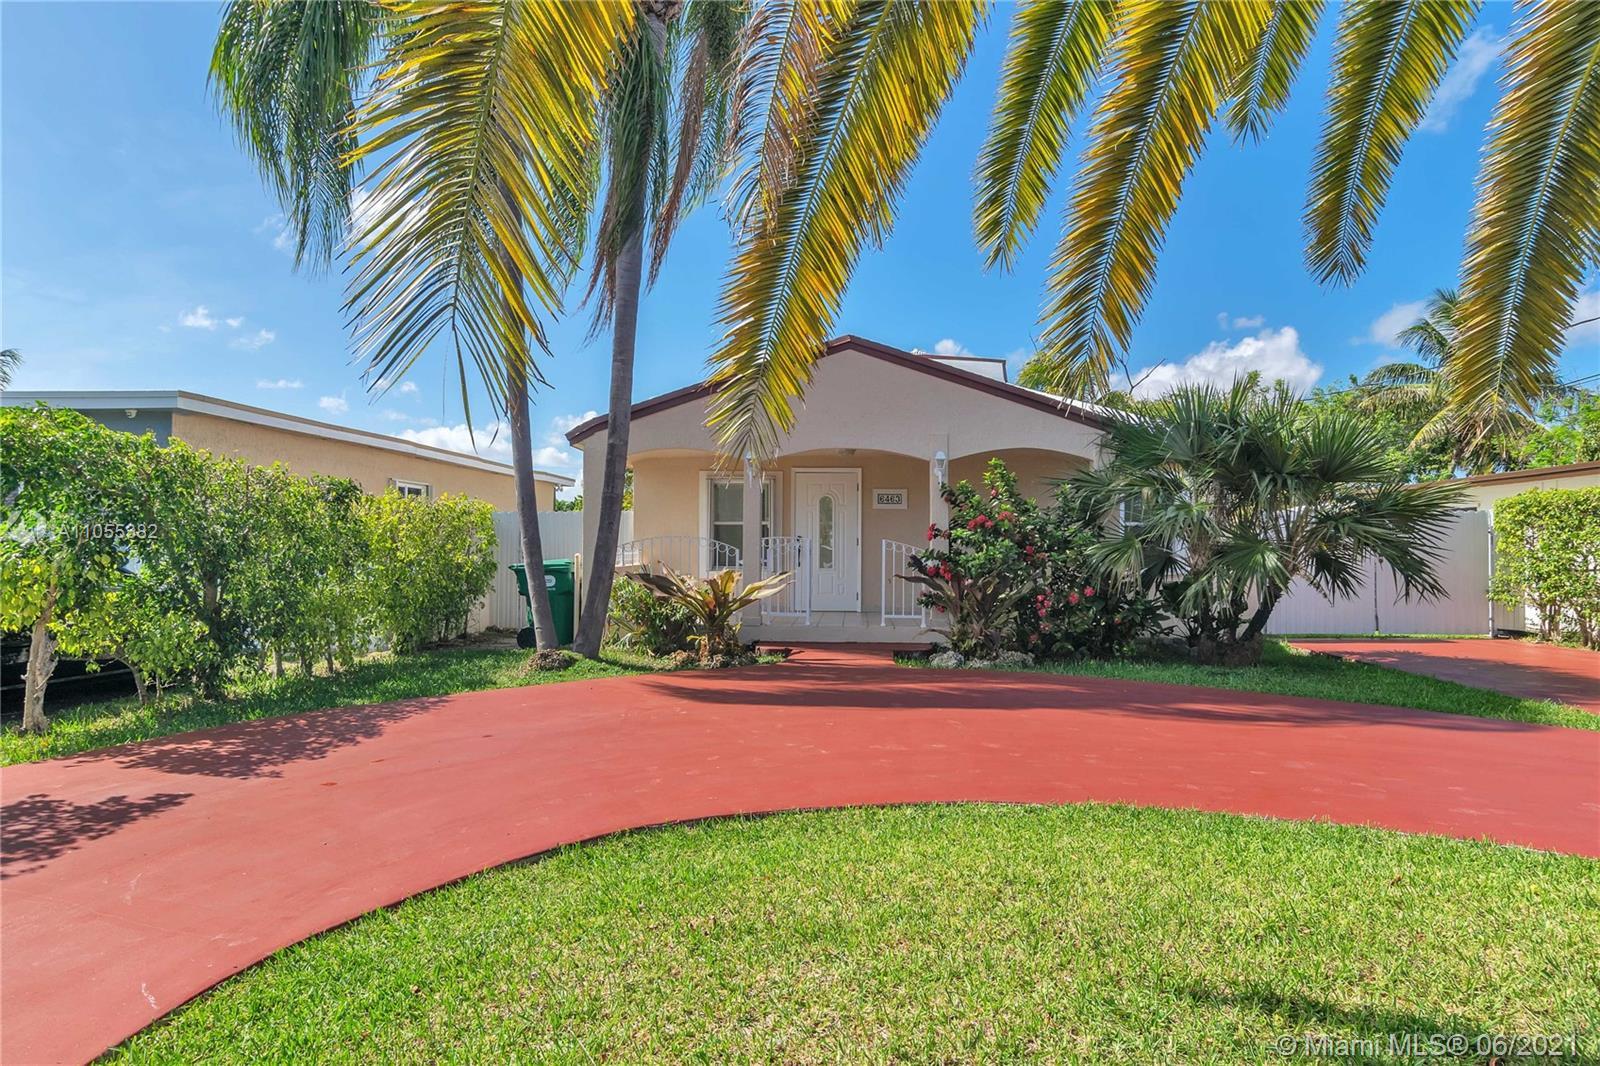 Coral Villas - 6463 SW 33rd St, Miami, FL 33155